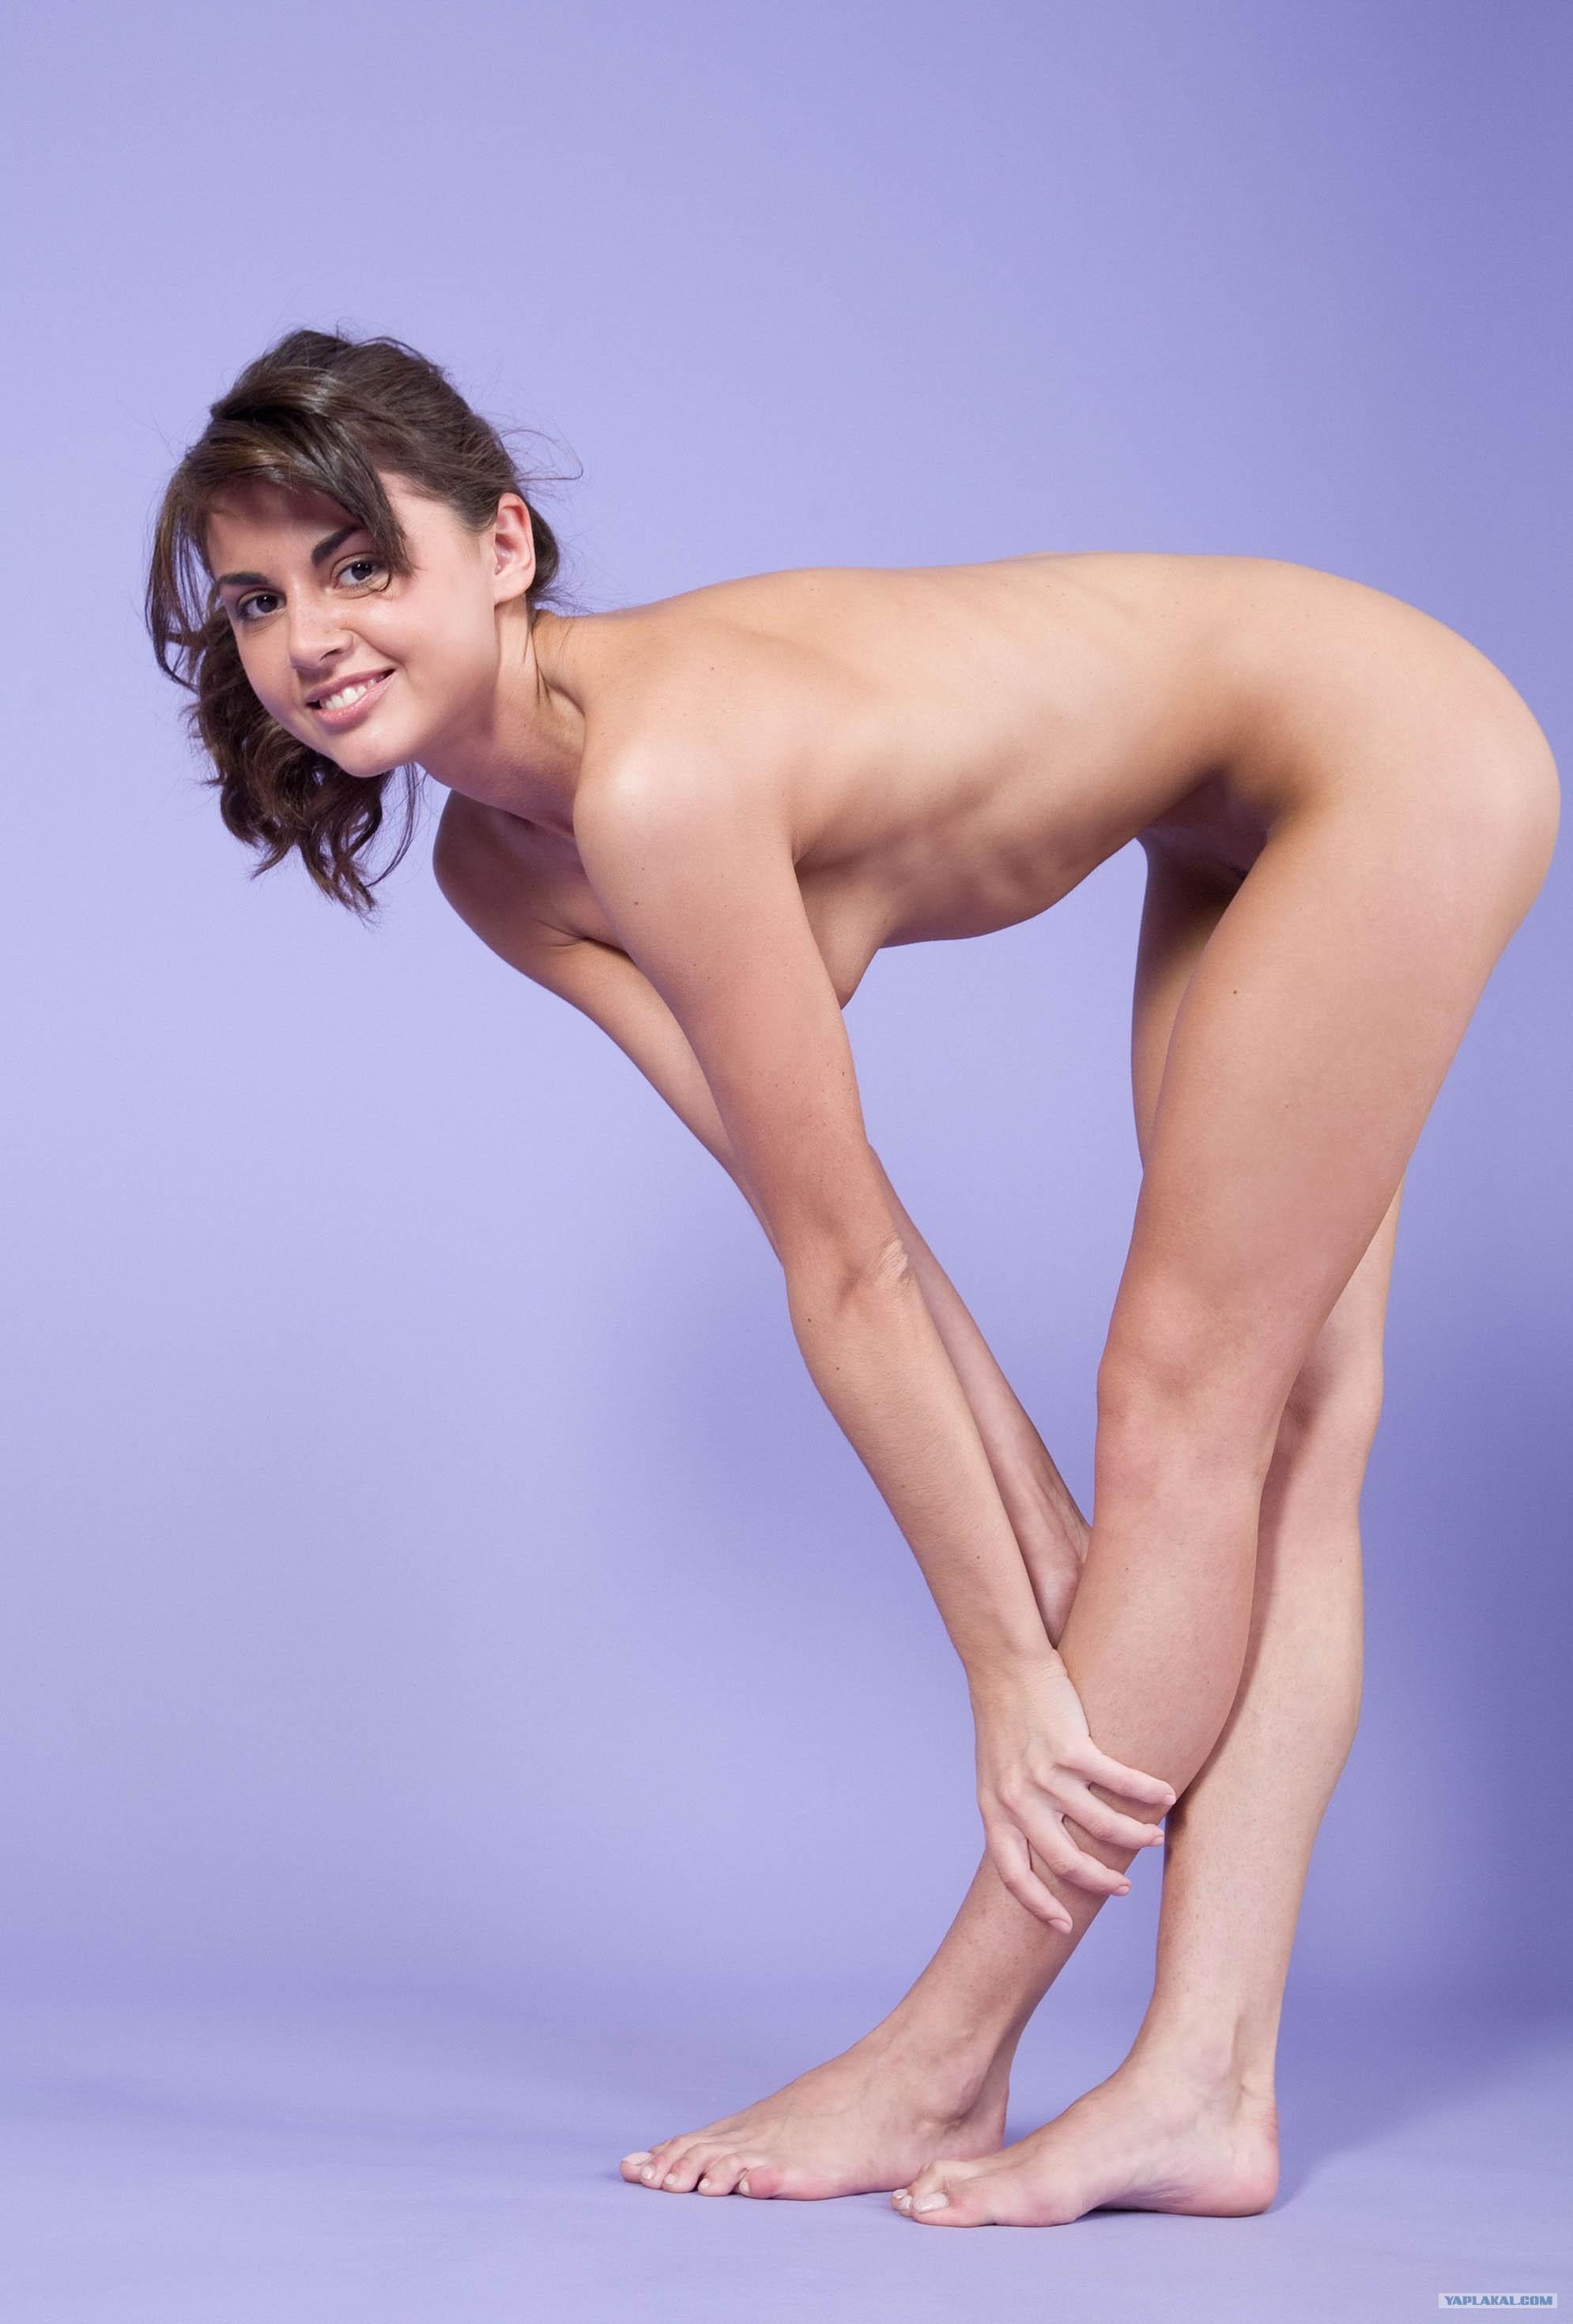 Эротика с голыми спортсменками смотреть онлайн бесплатно 20 фотография